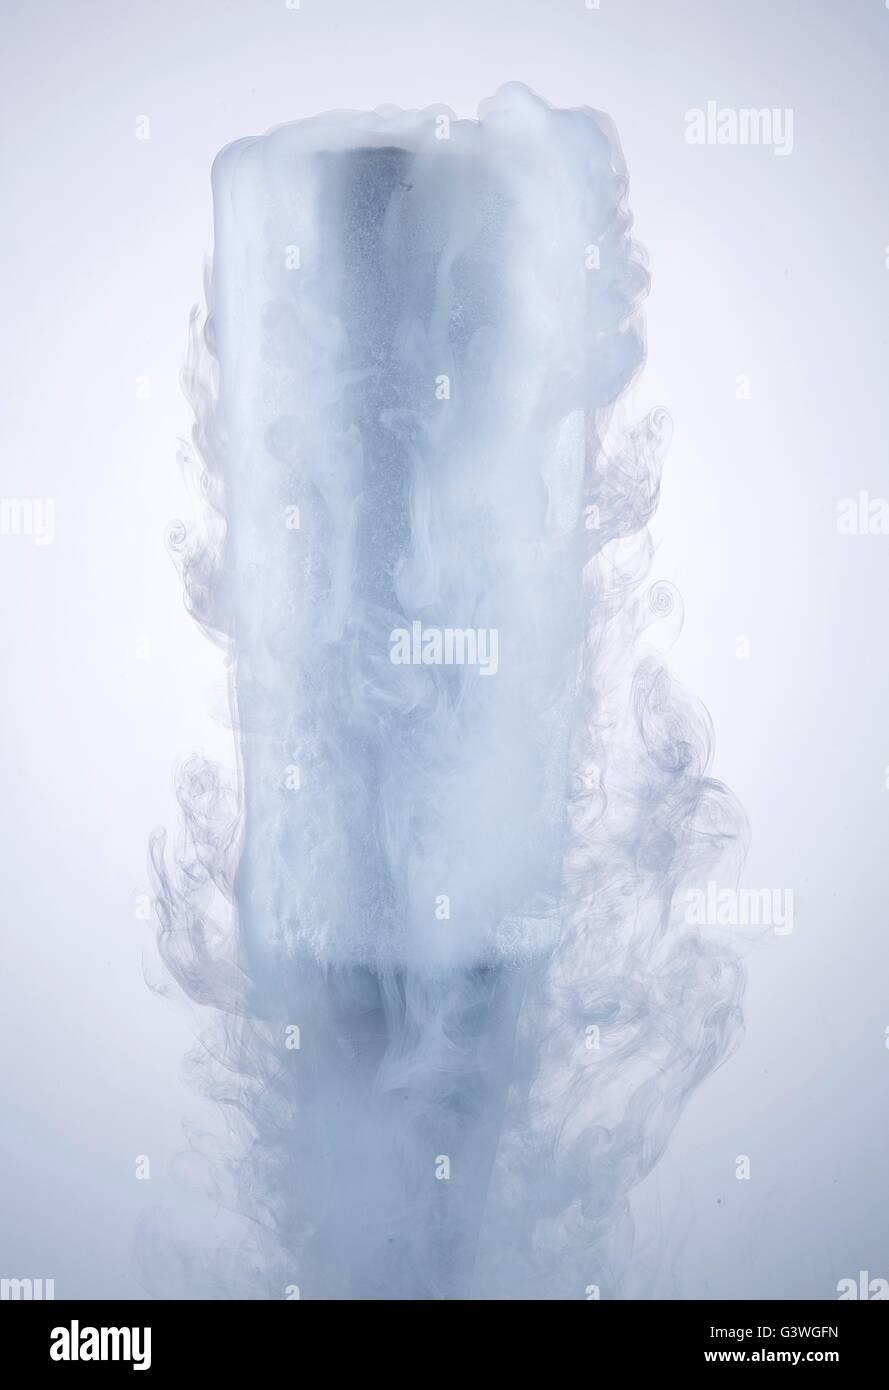 Verre avec de la glace sèche isolé sur un fond blanc. Photo Stock